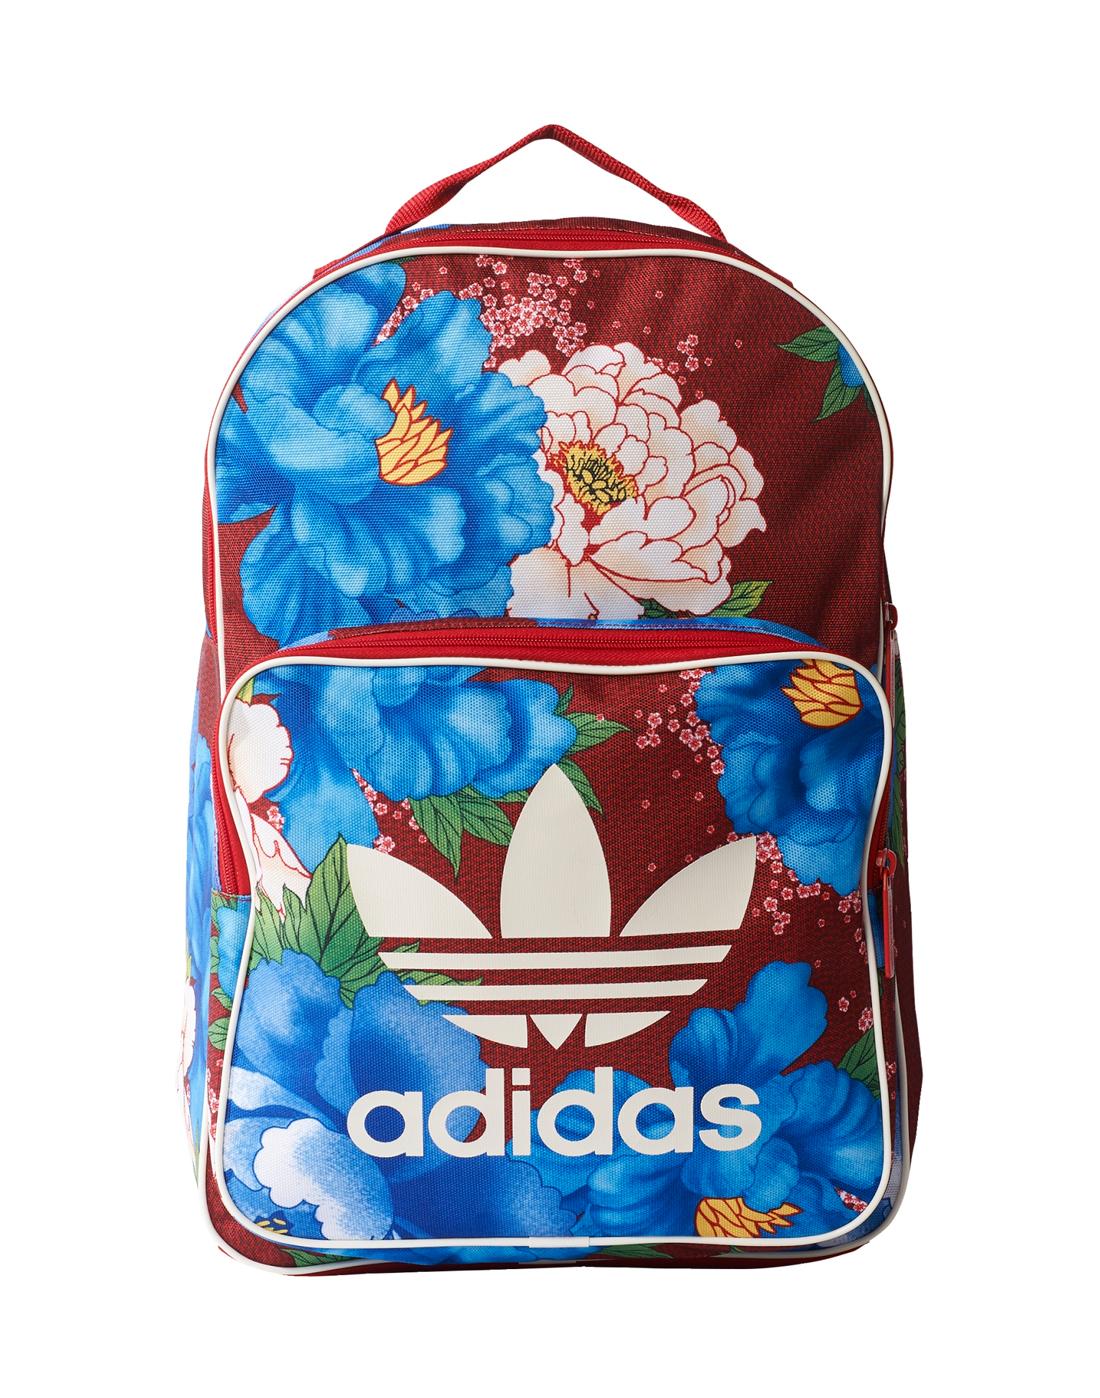 adidas Originals Originals Floral Backpack  1cfa14bbe0688